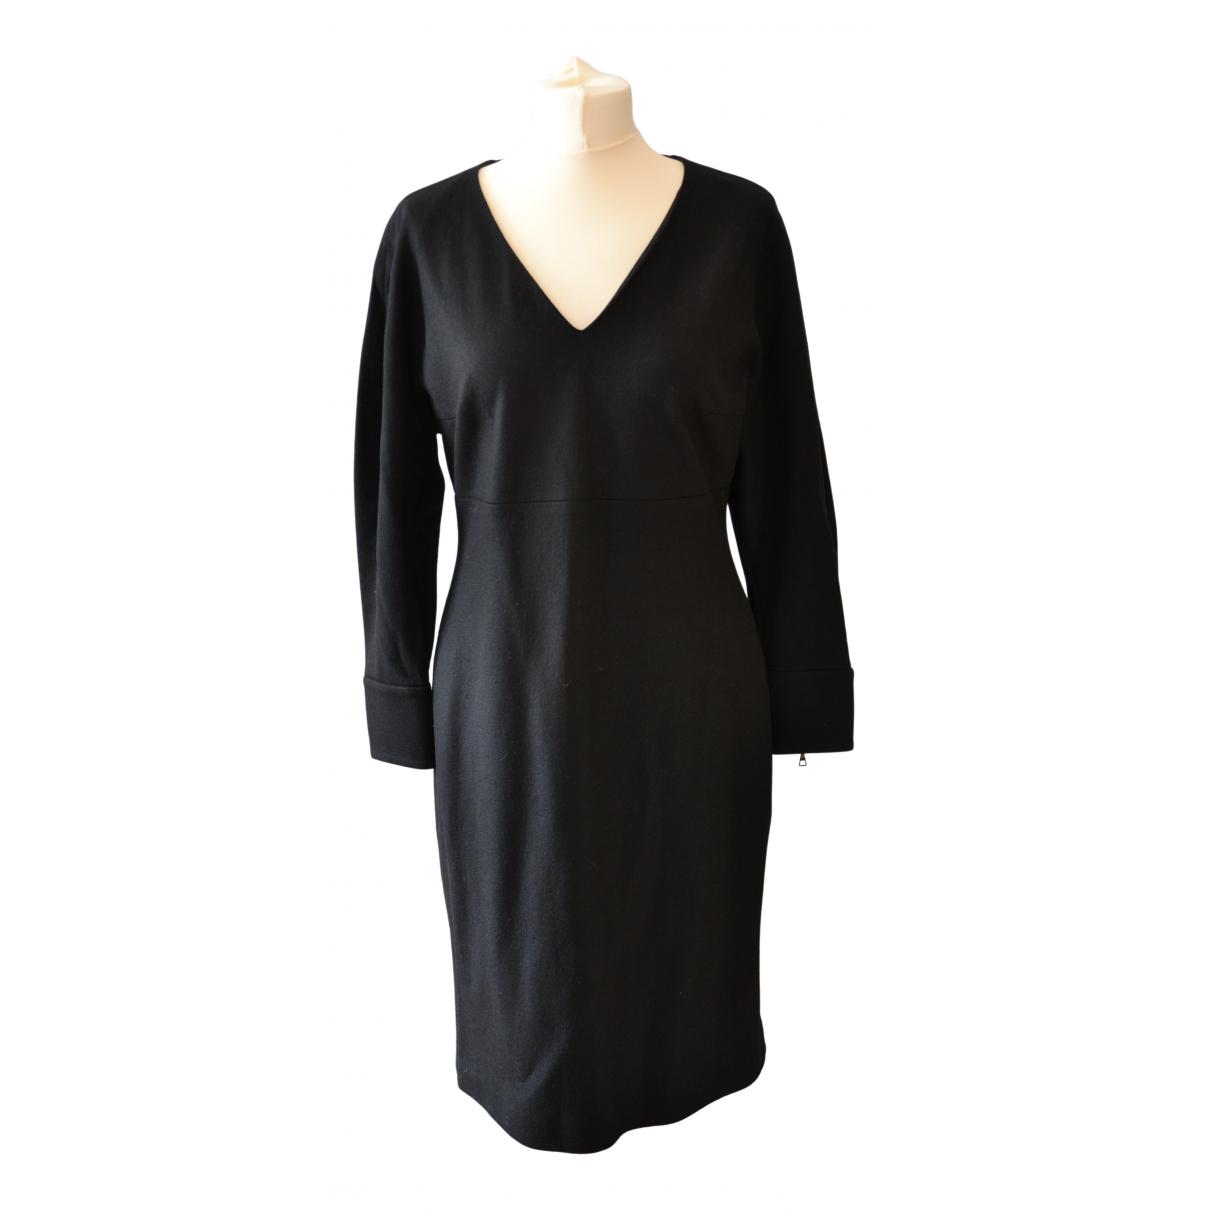 Strenesse \N Kleid in  Schwarz Wolle